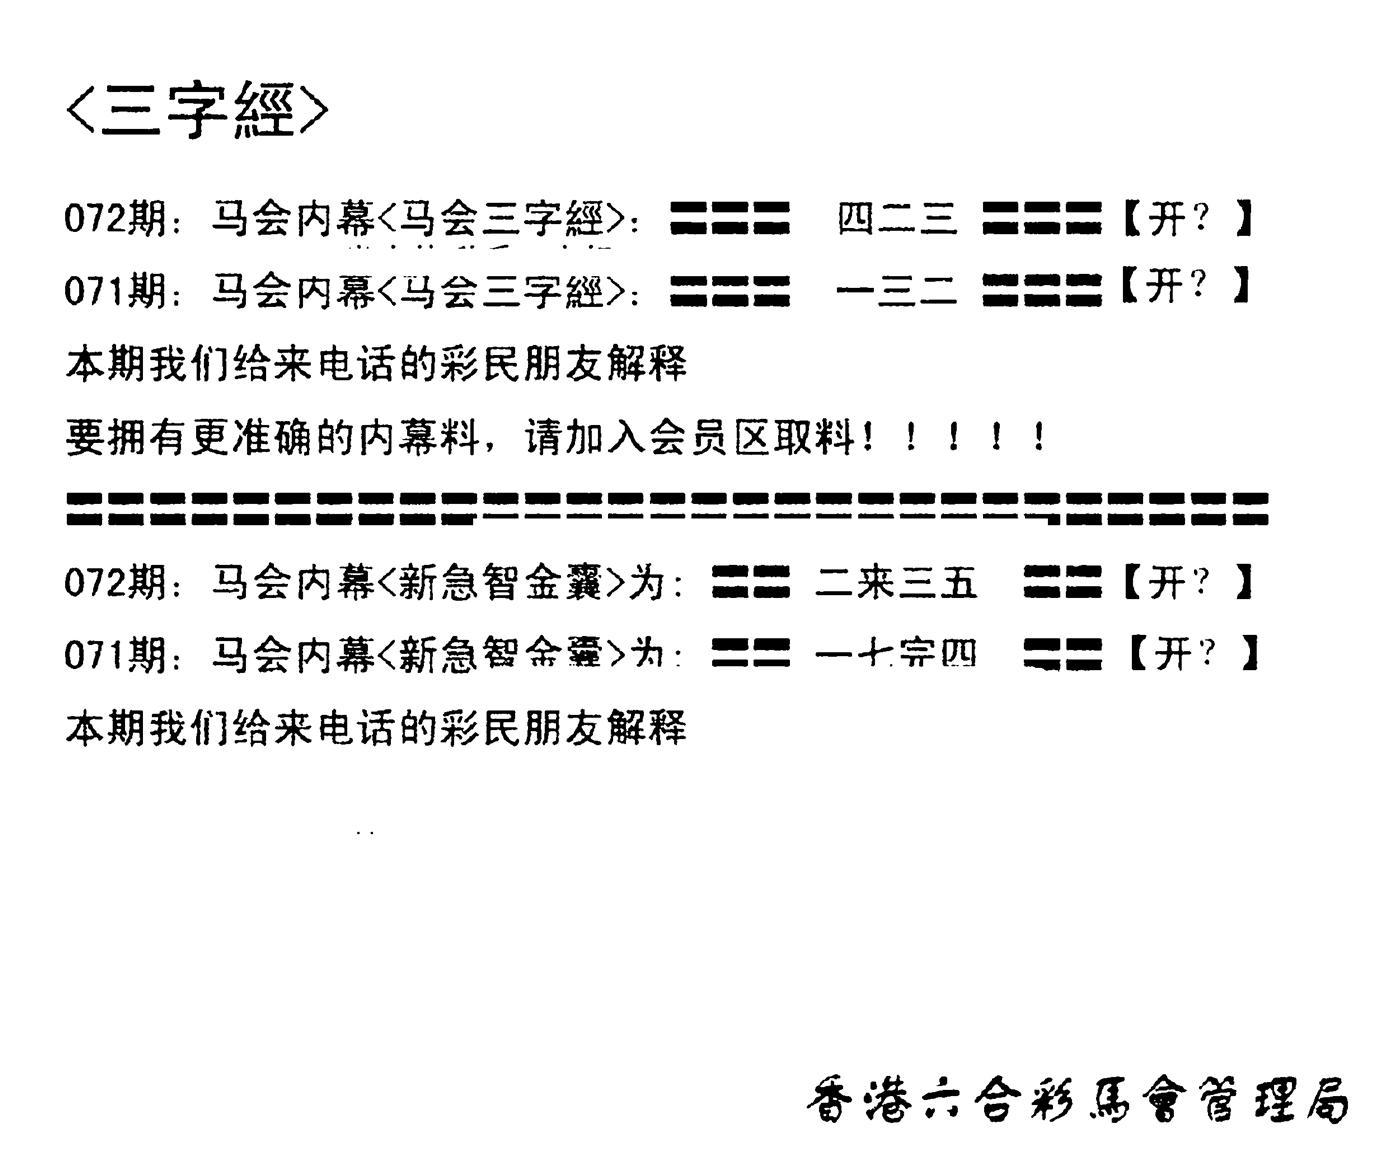 072期电脑版(早版)(黑白)